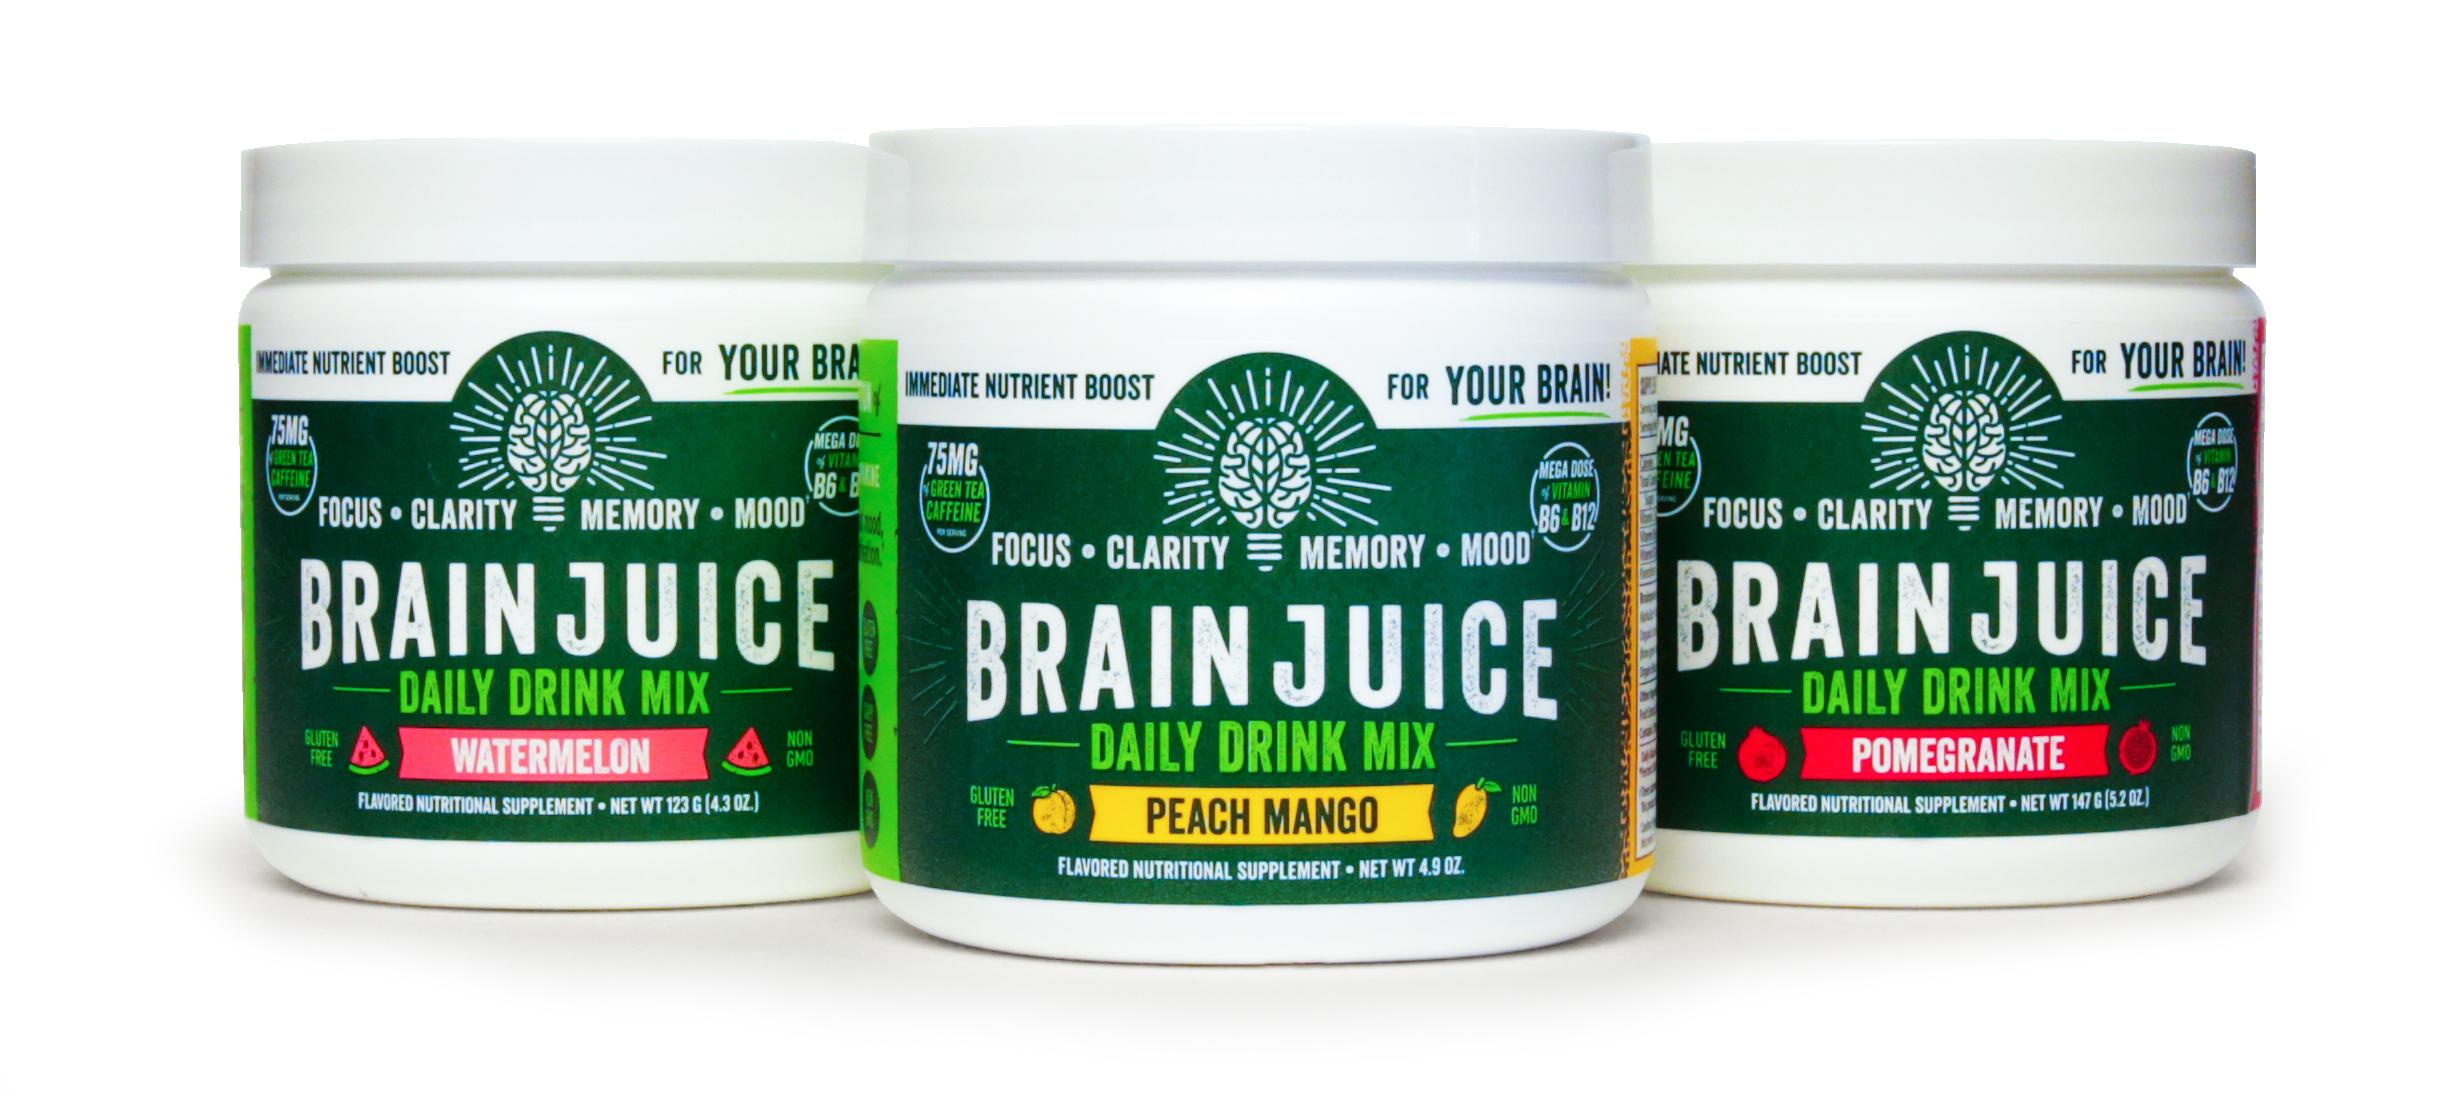 brainjuice_powder_packaging.jpg